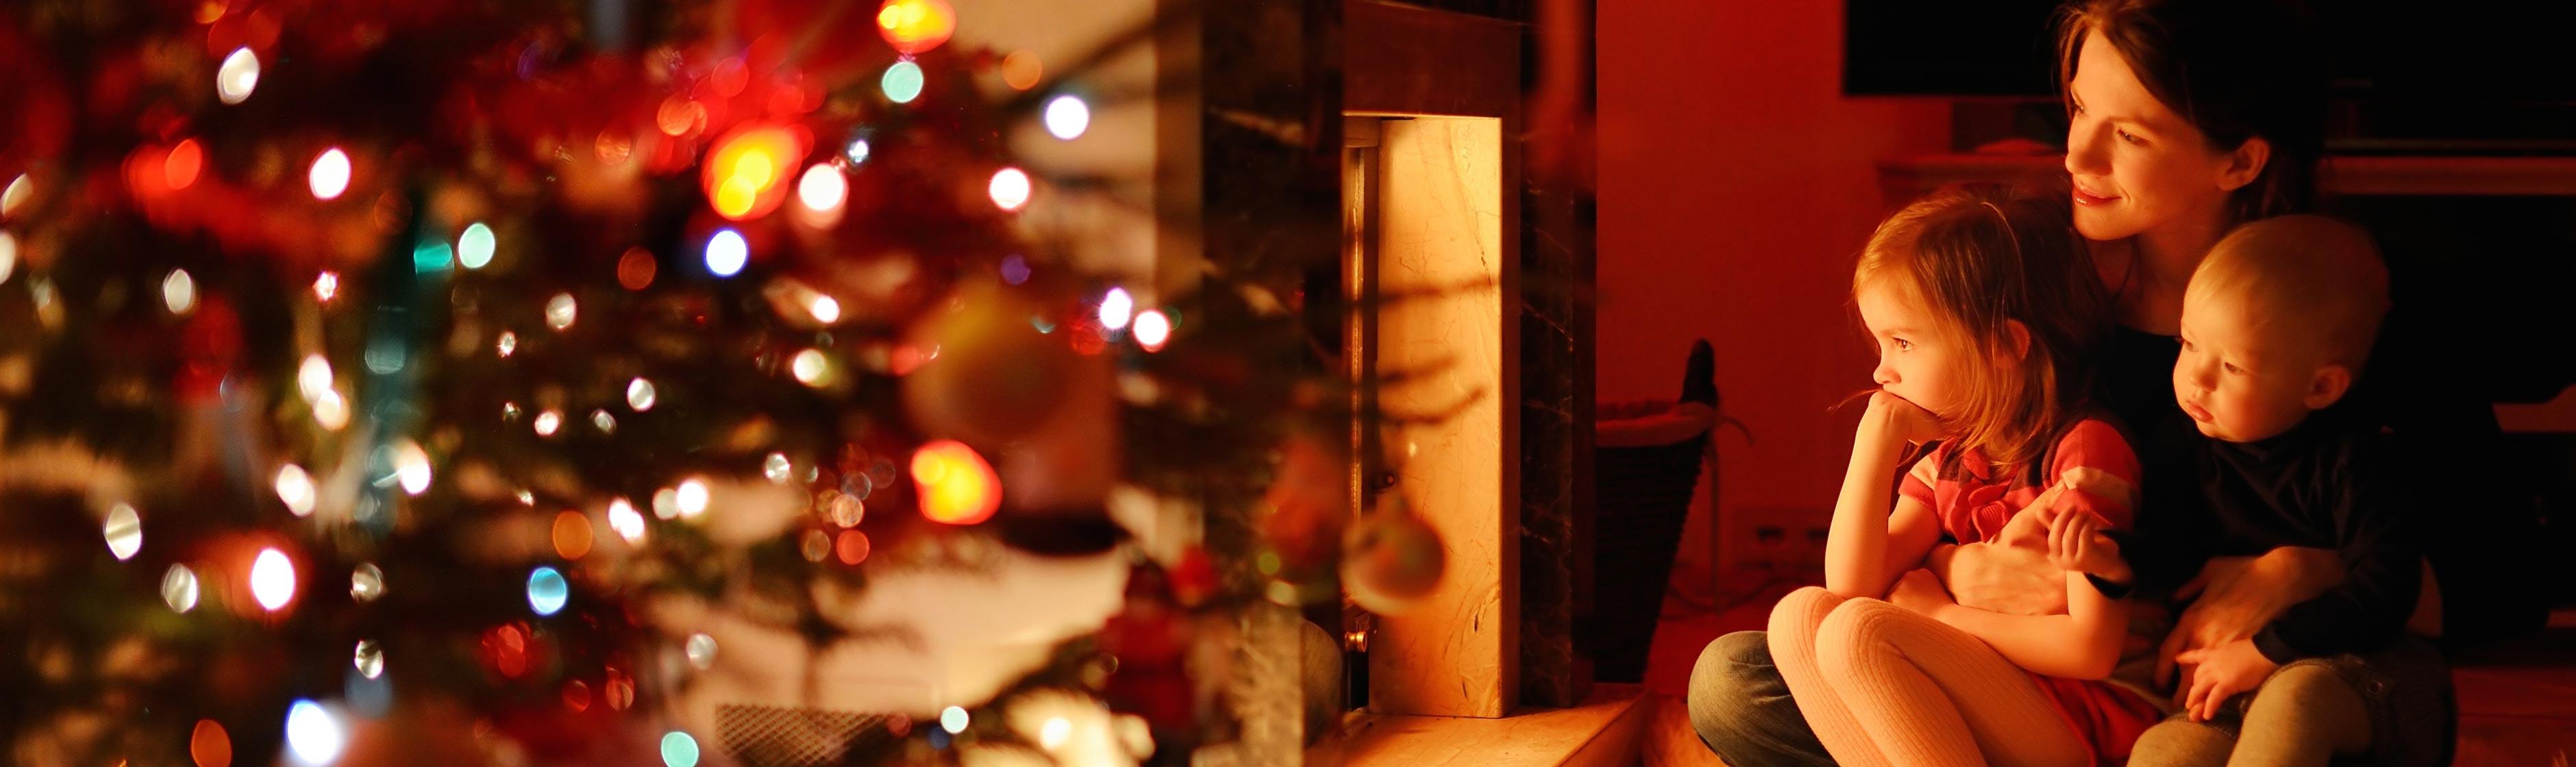 Gezin bij kerstboom